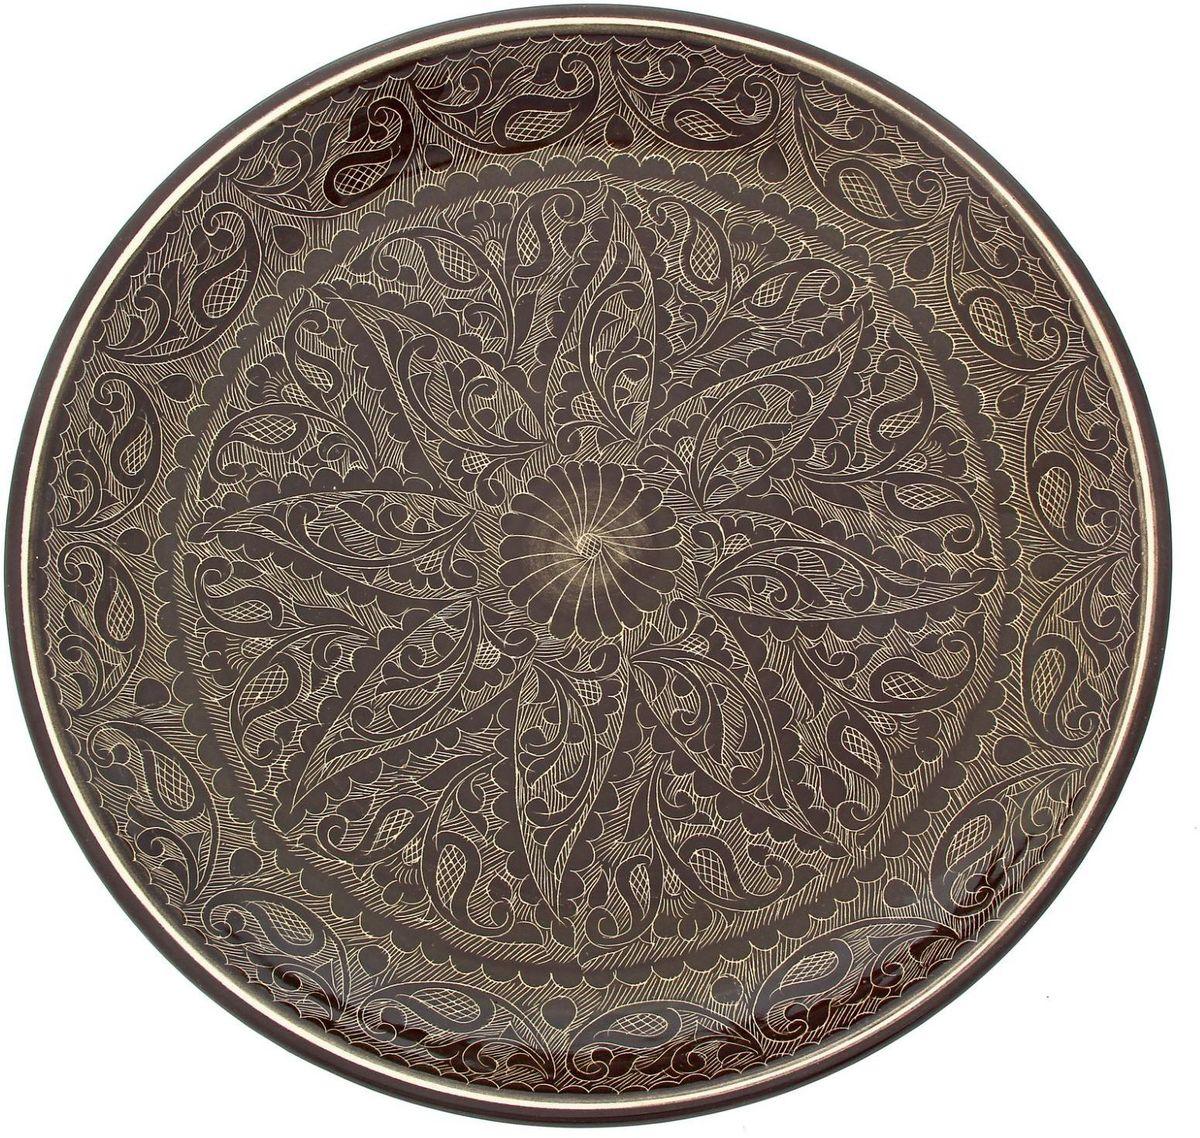 Ляган Риштанская керамика, диаметр 36 см. 19234561923456Ляган — это не просто обеденный атрибут, это украшение стола. Посуда с национальной росписью станет отменным подарком для ценителей высокородной посуды.Риштан — город на востоке Узбекистана, один из древнейших в Ферганской долине. С давних времён Риштан славится своим гончарным искусством изготовления цветной керамики. Красноватую глину для изделия добывают в самом городе. Мастера утверждают, что их глина настолько высокого качества, что даже не нуждается в предварительной обработке. Дополните коллекцию кухонных аксессуаров пряными восточными нотами.